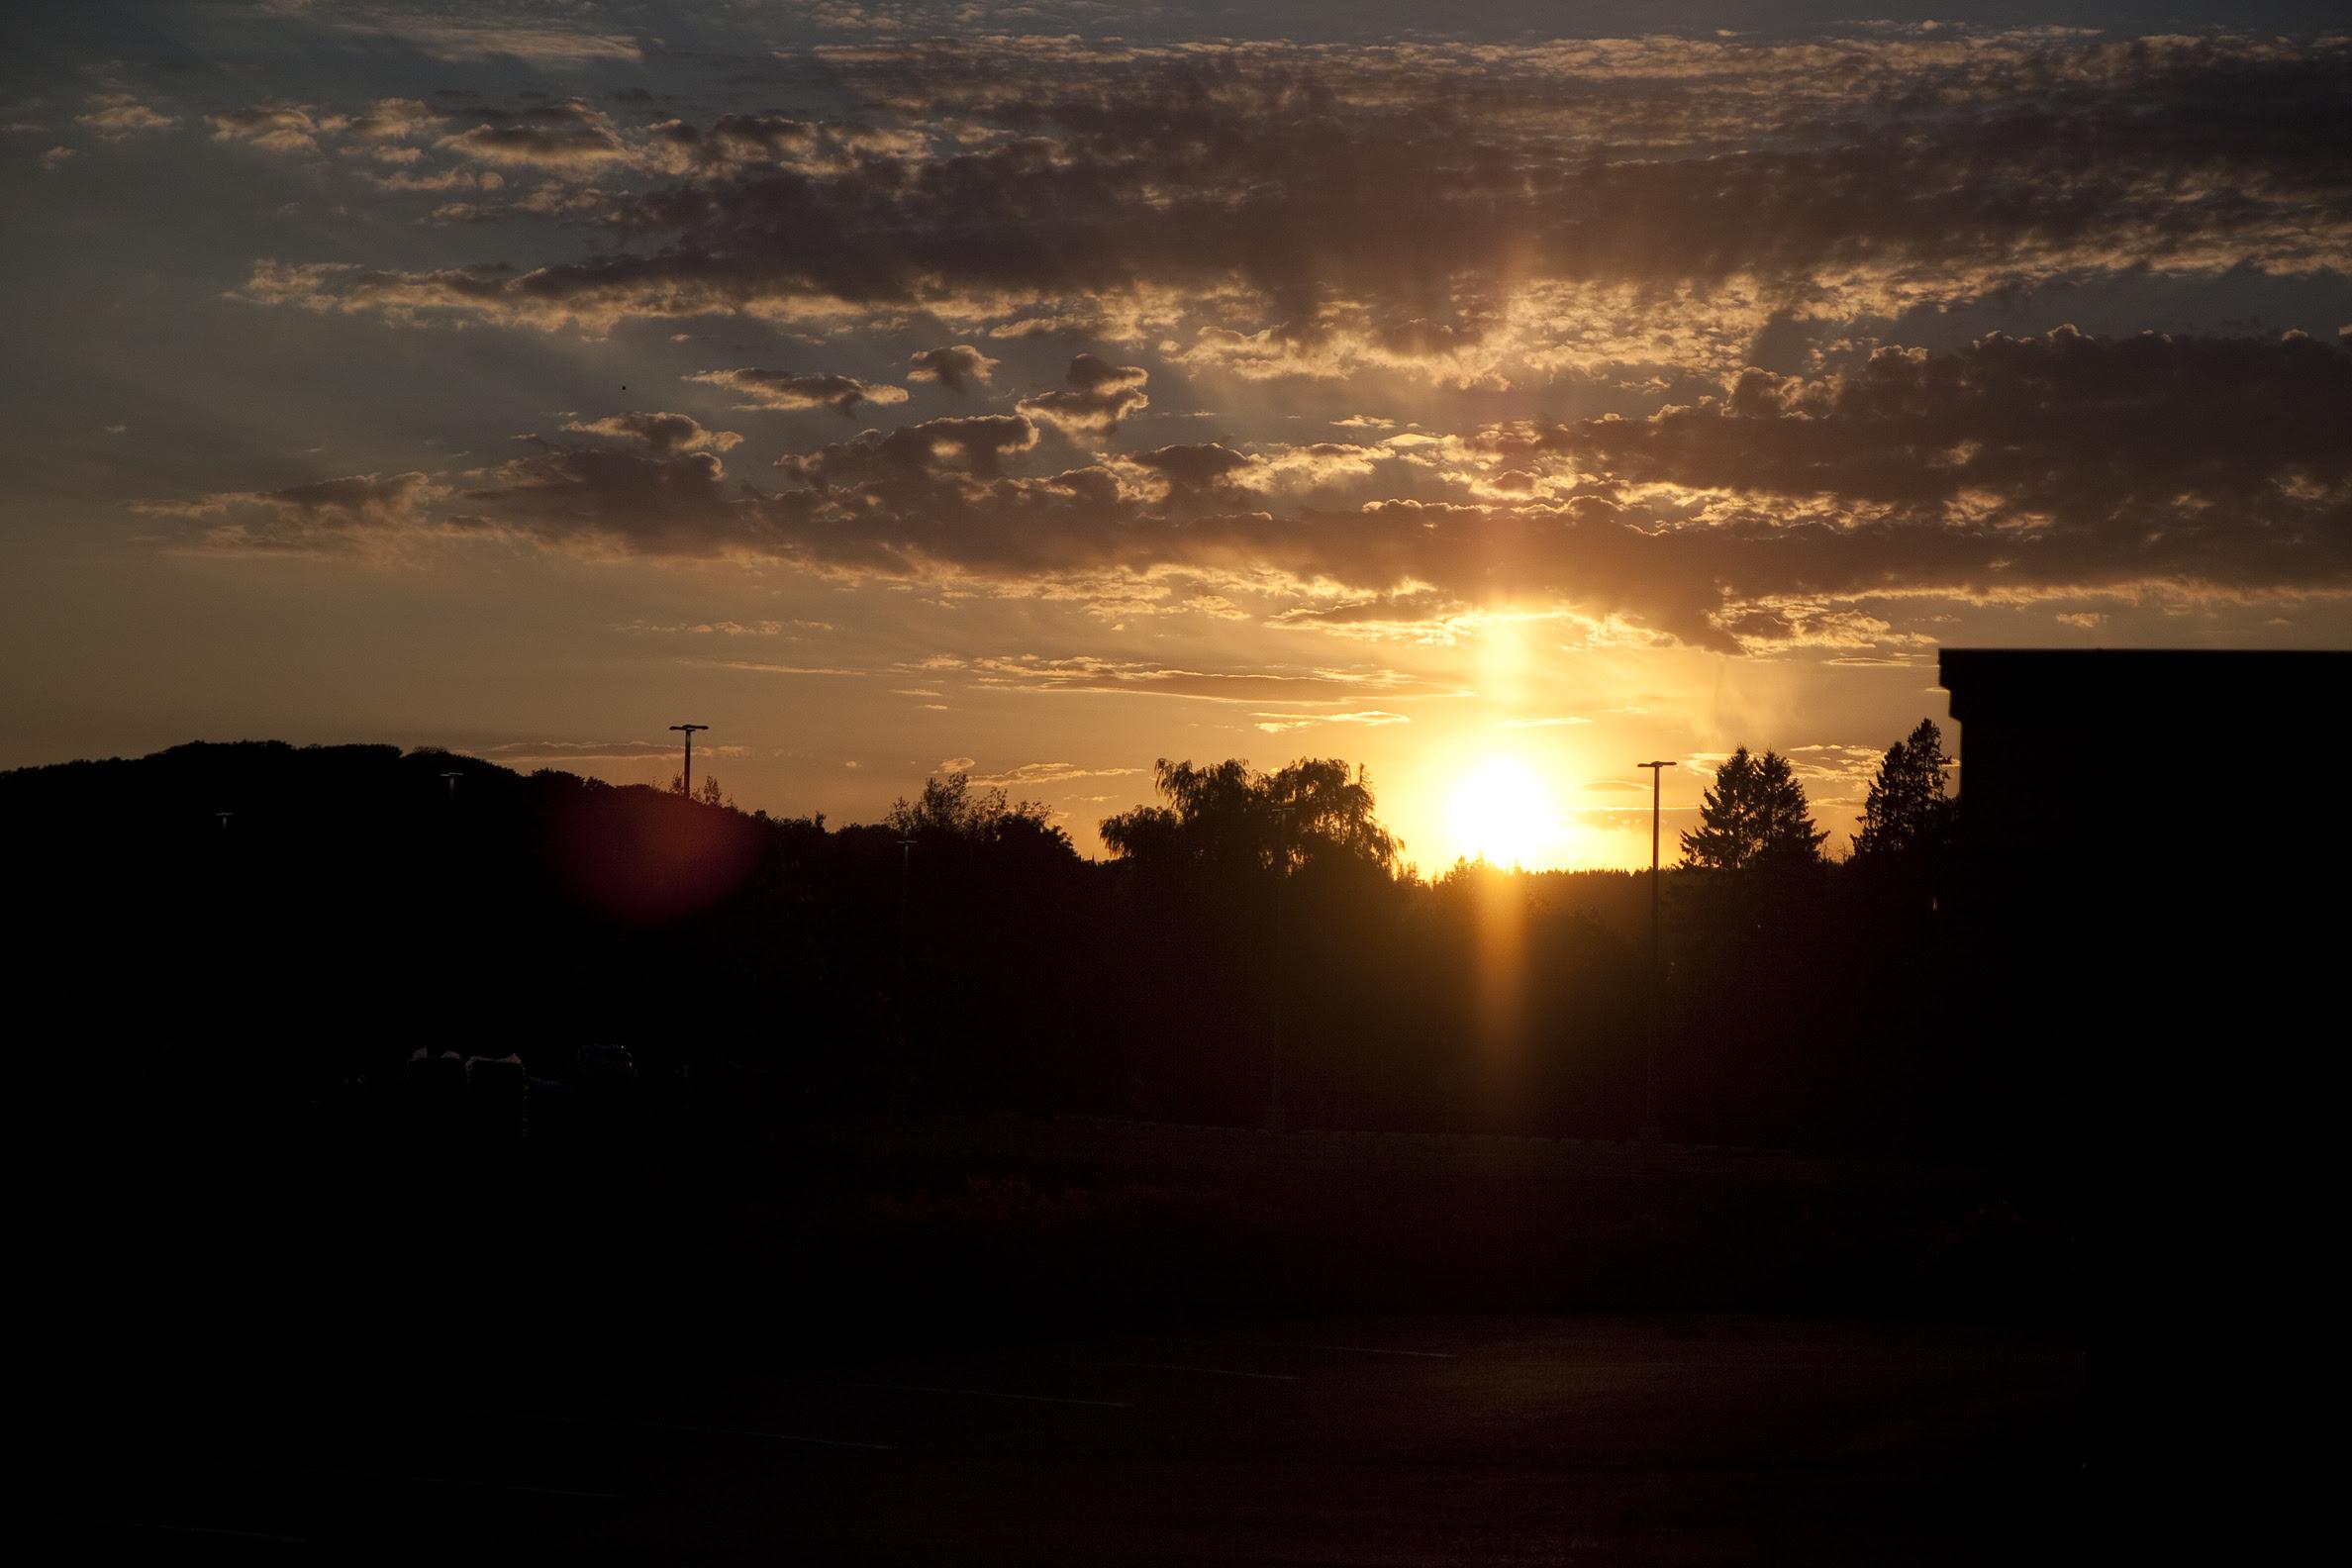 minden sunset